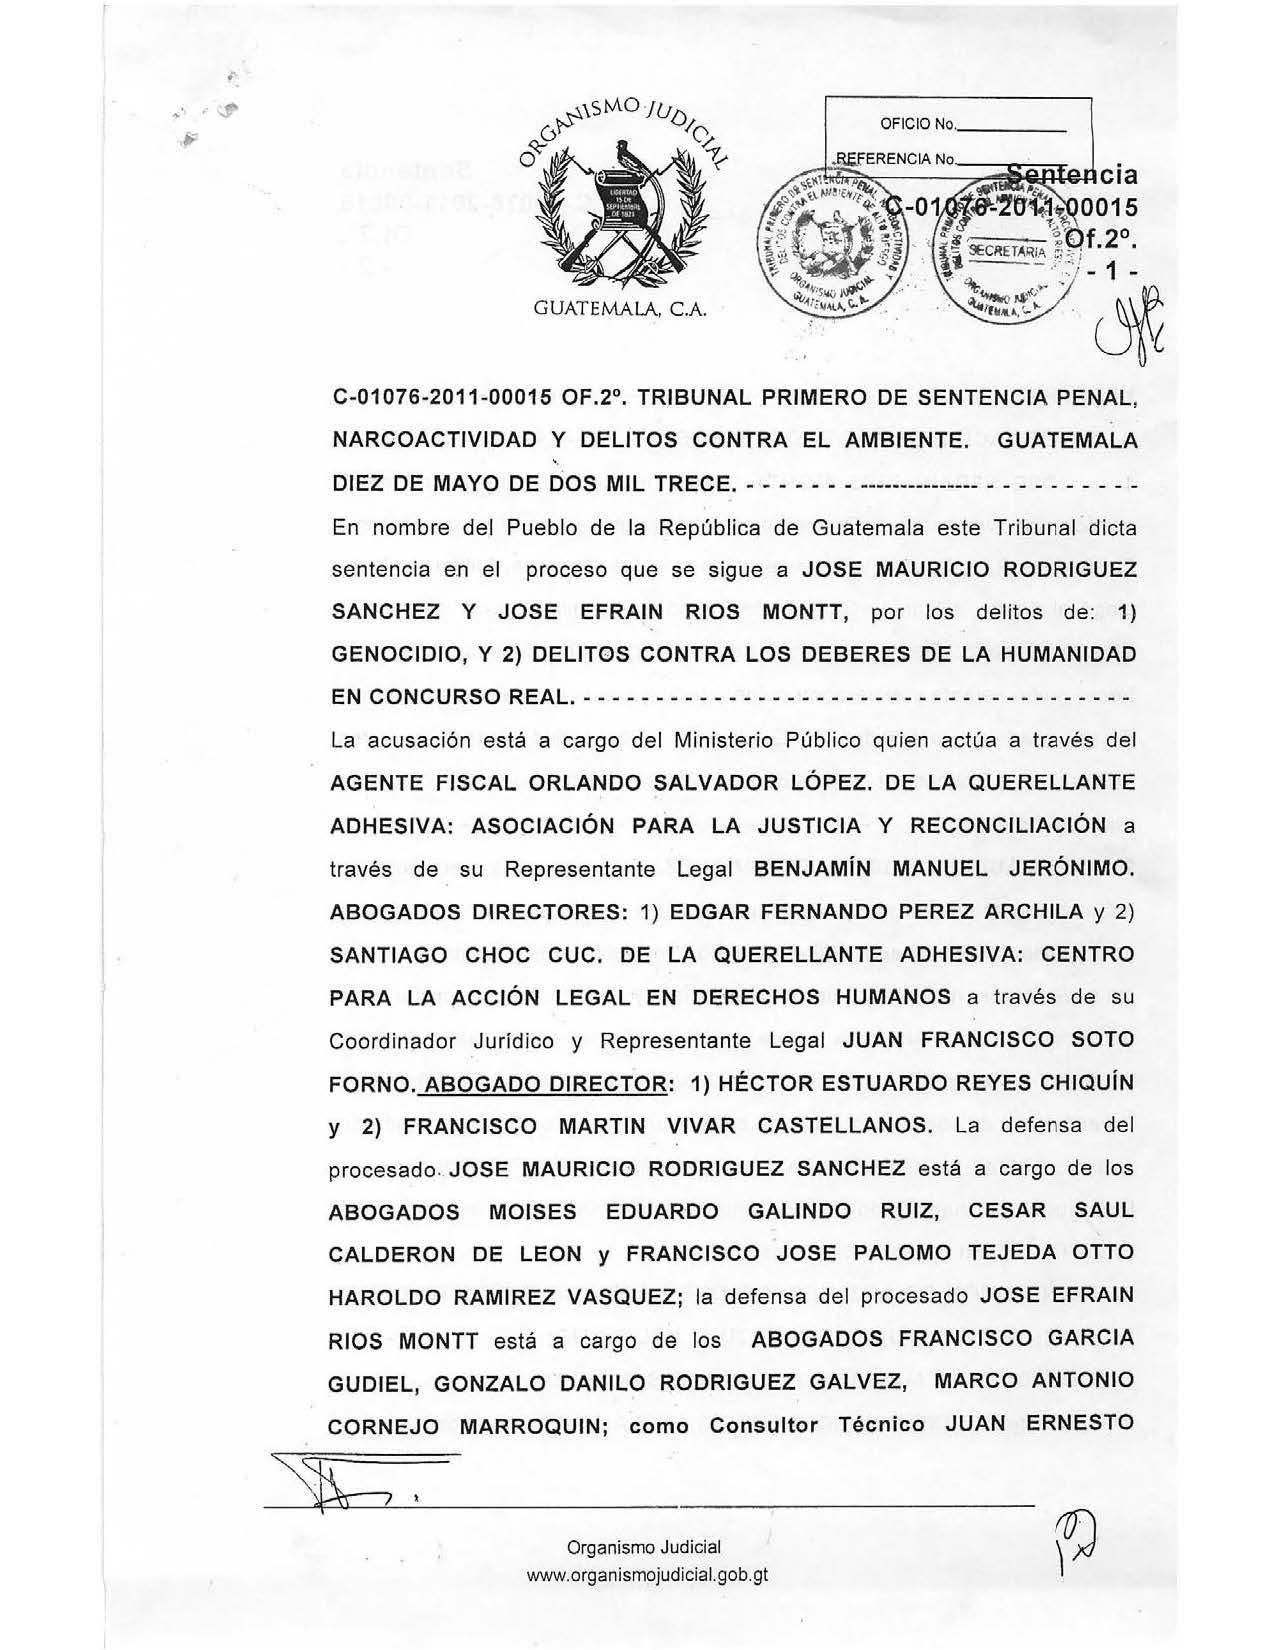 pages_from_1_parte_sentencia_genocidio_identificacion_de_los_acusaos_y_enunciaciacion_de_los_hechos.jpg